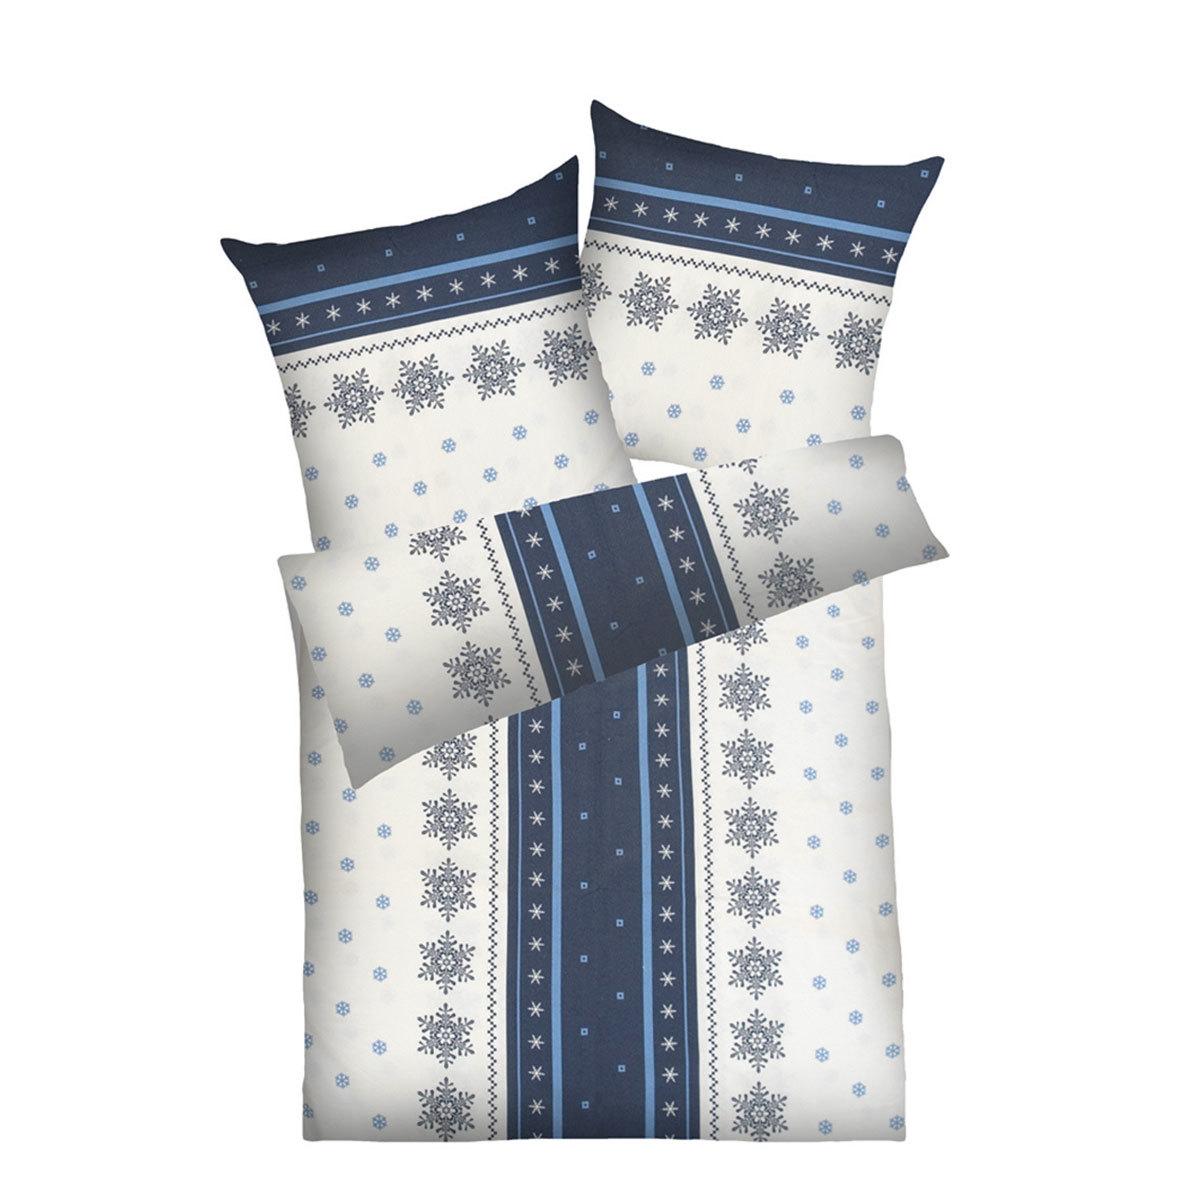 dyckhoff weichfrottier bettw sche schneeflocke grau blau g nstig online kaufen bei bettwaren shop. Black Bedroom Furniture Sets. Home Design Ideas